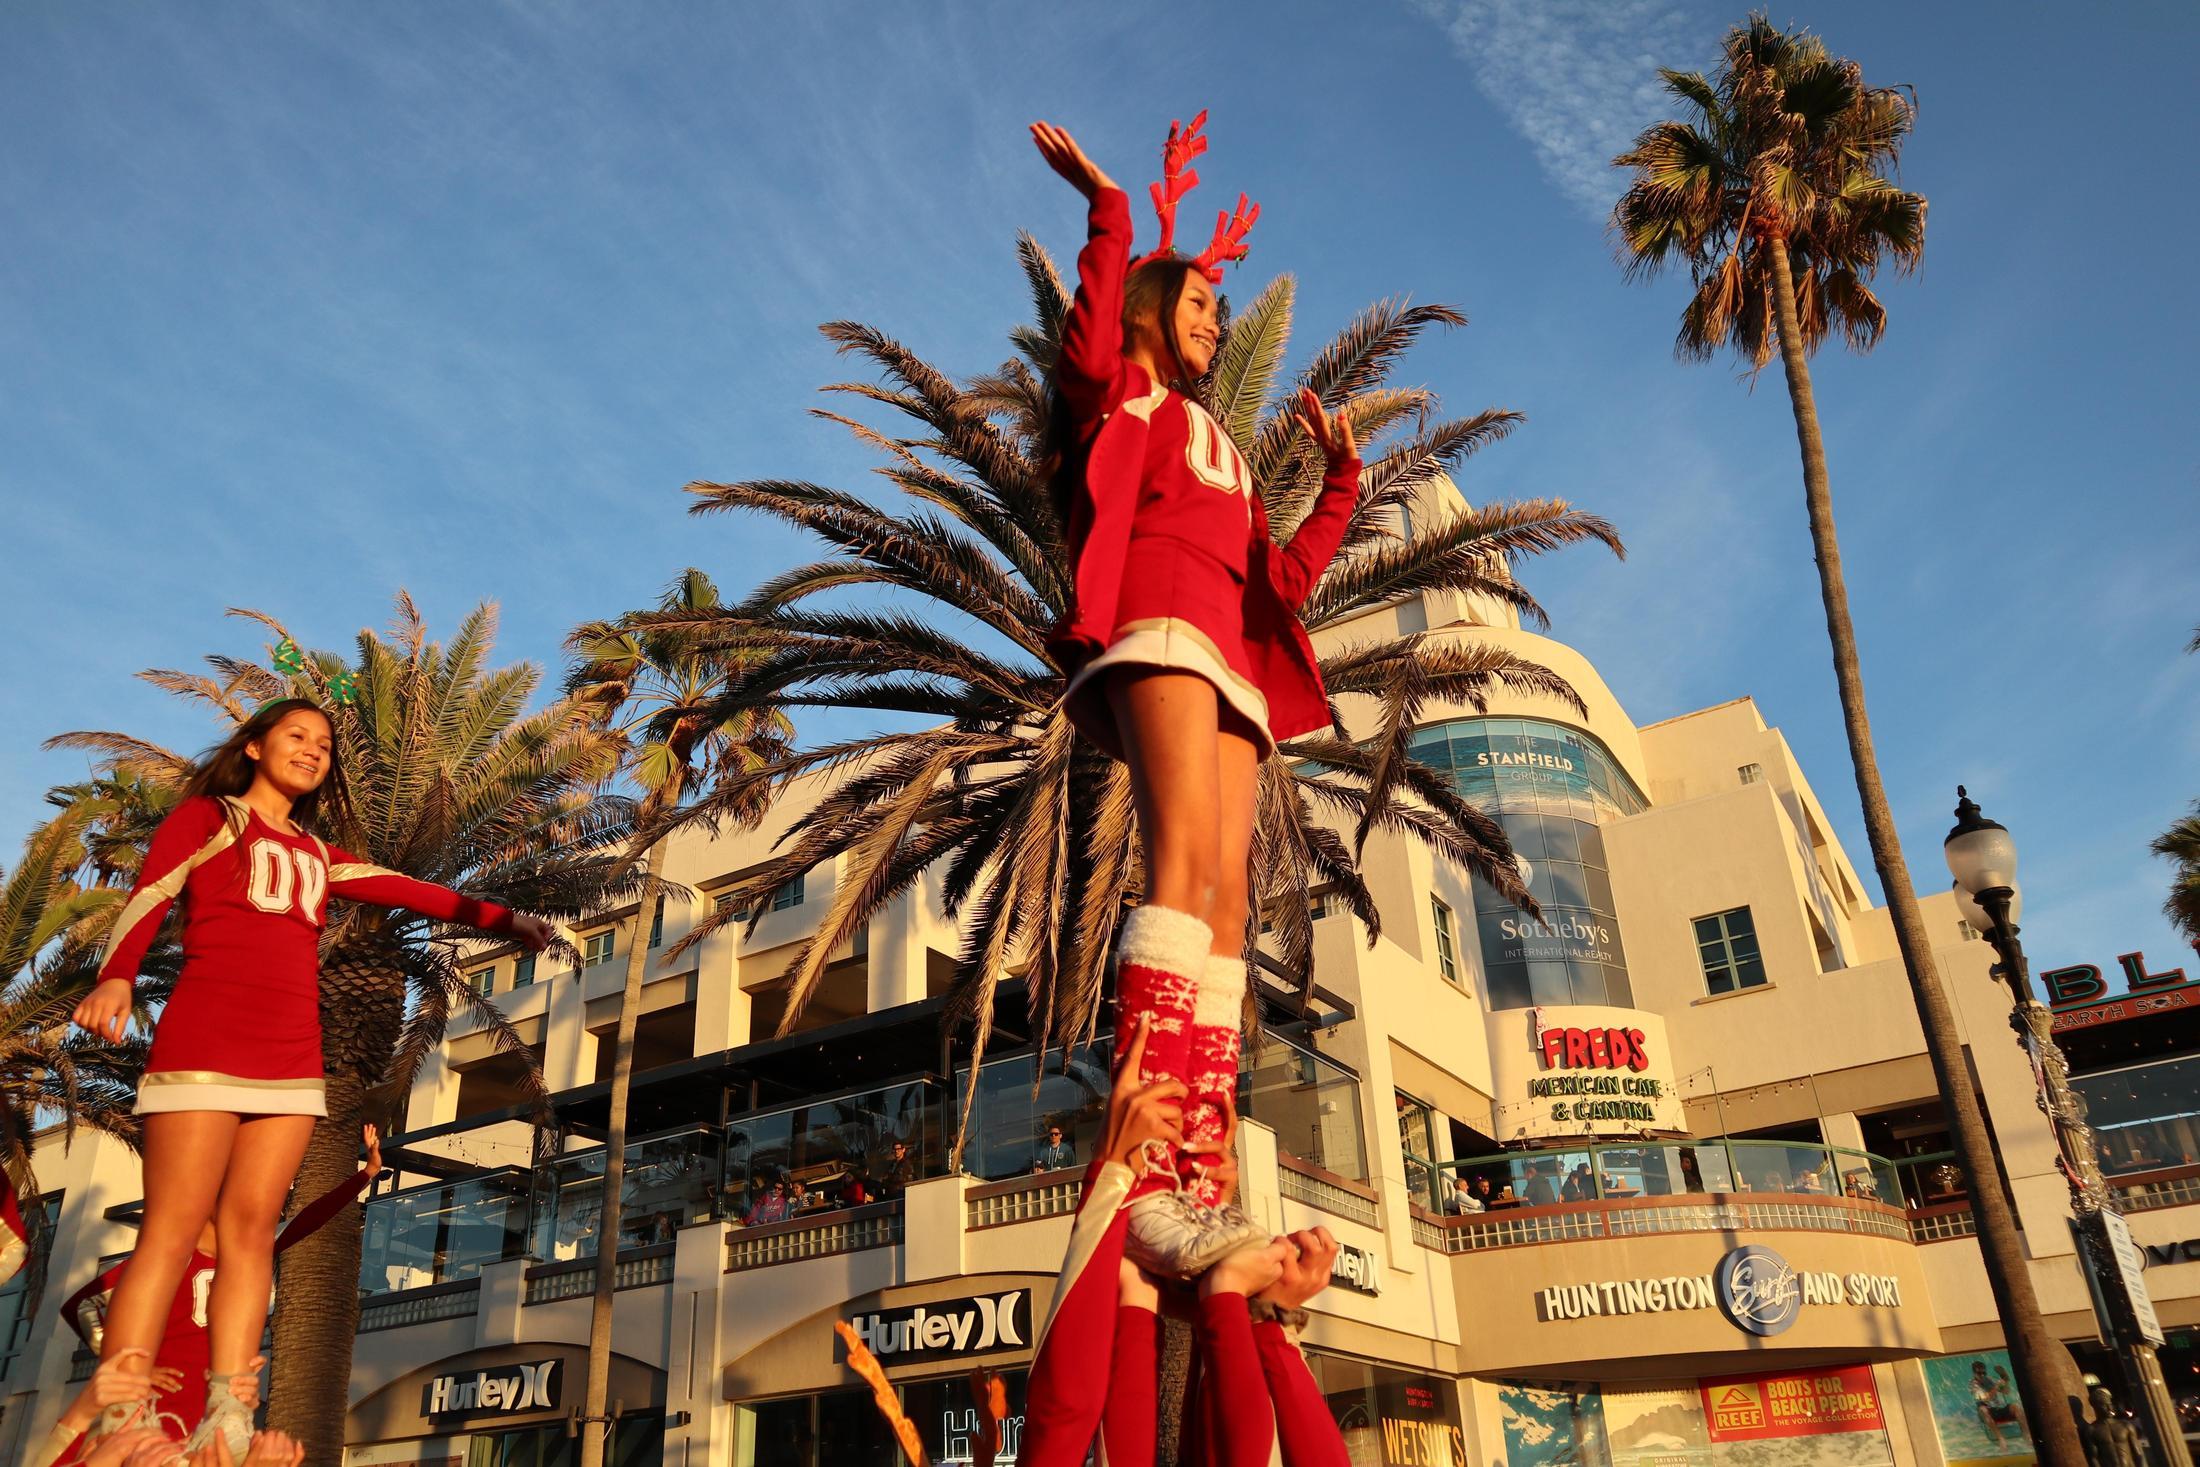 HB Holiday Parade: Up High